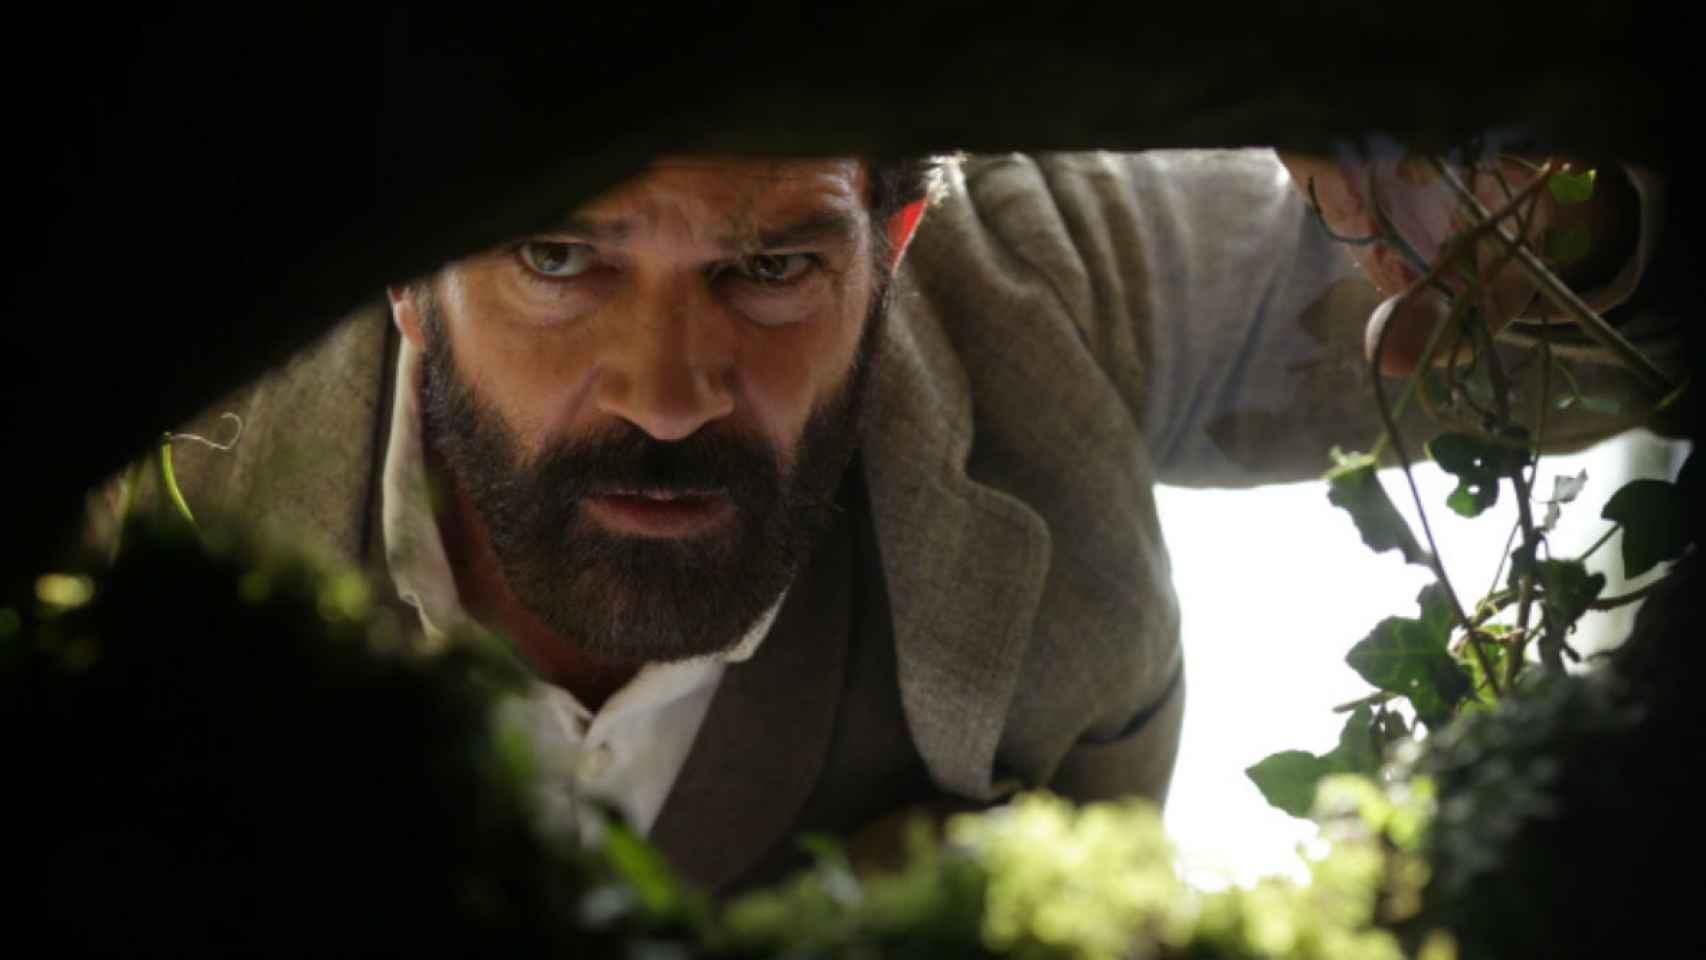 Antonio Banderas en un fotograma de la película.